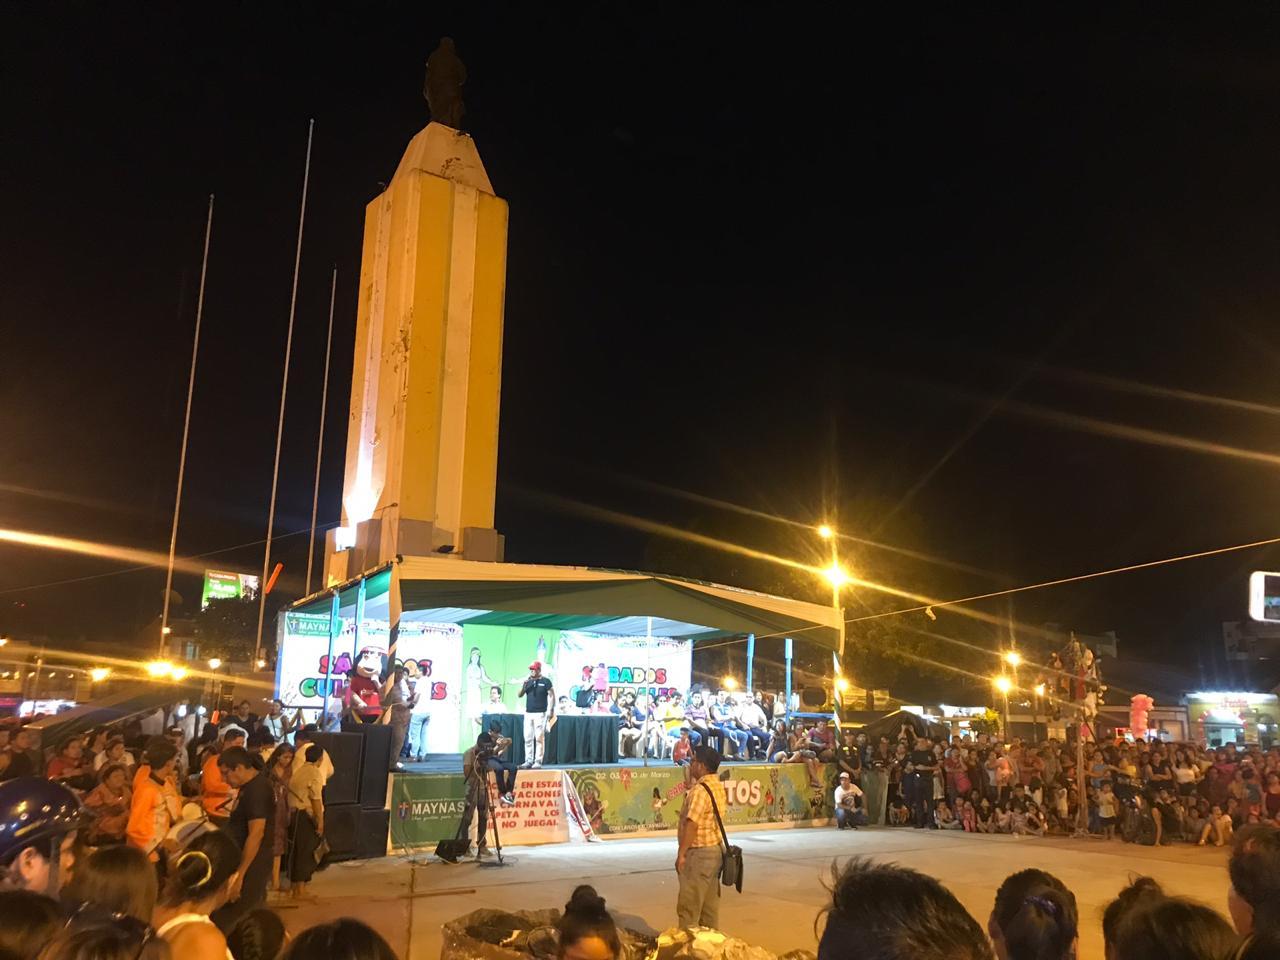 Iquitos Peru Carnival